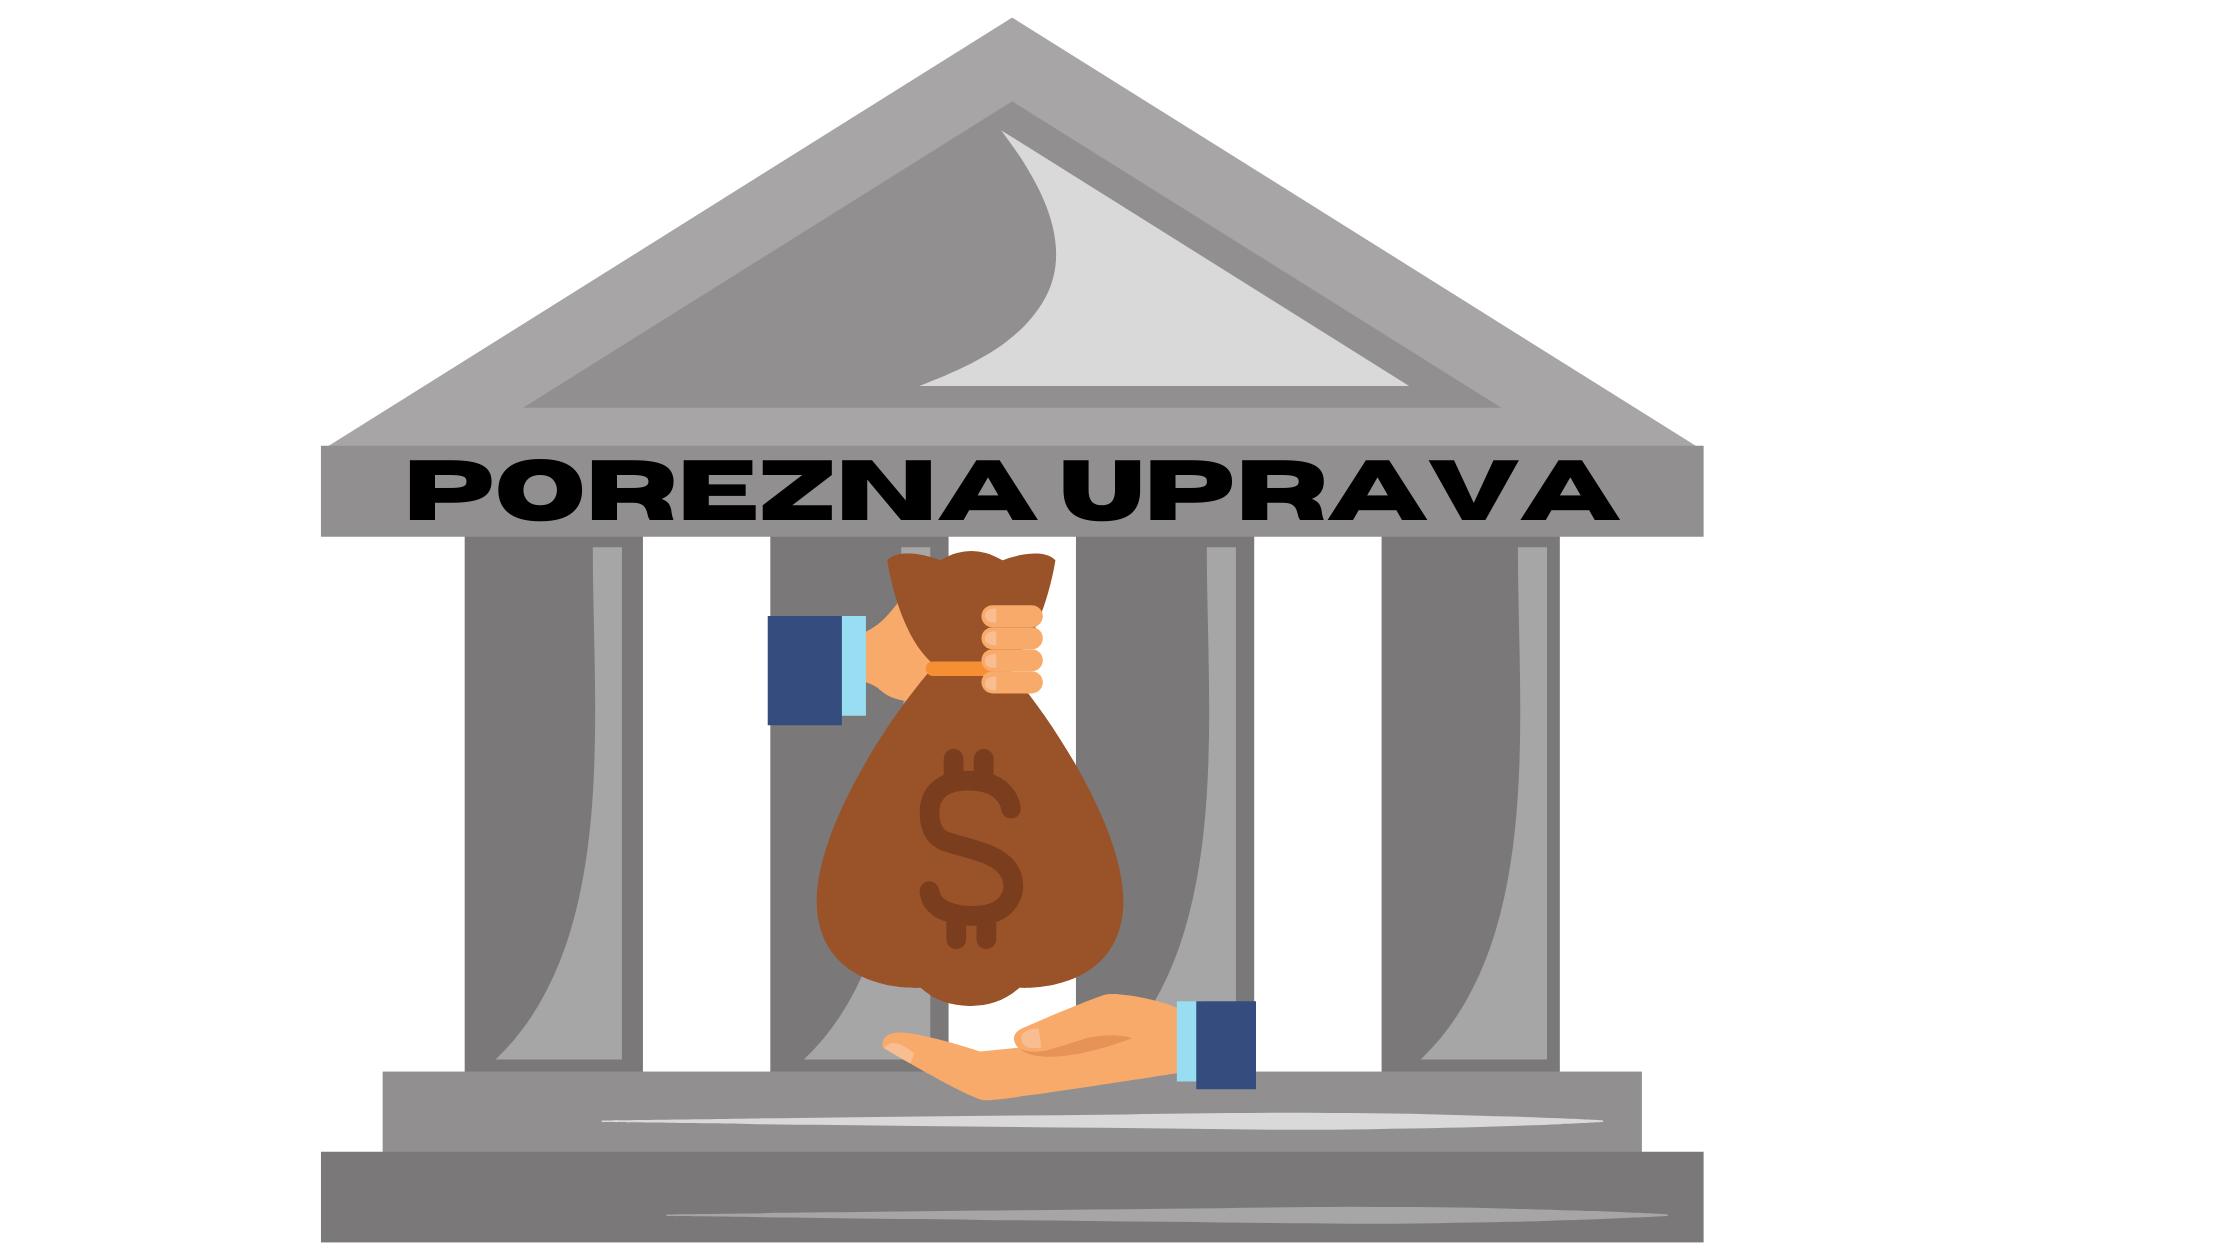 porez-na-kapitalnu-dobit-u-hrvatskoj-1